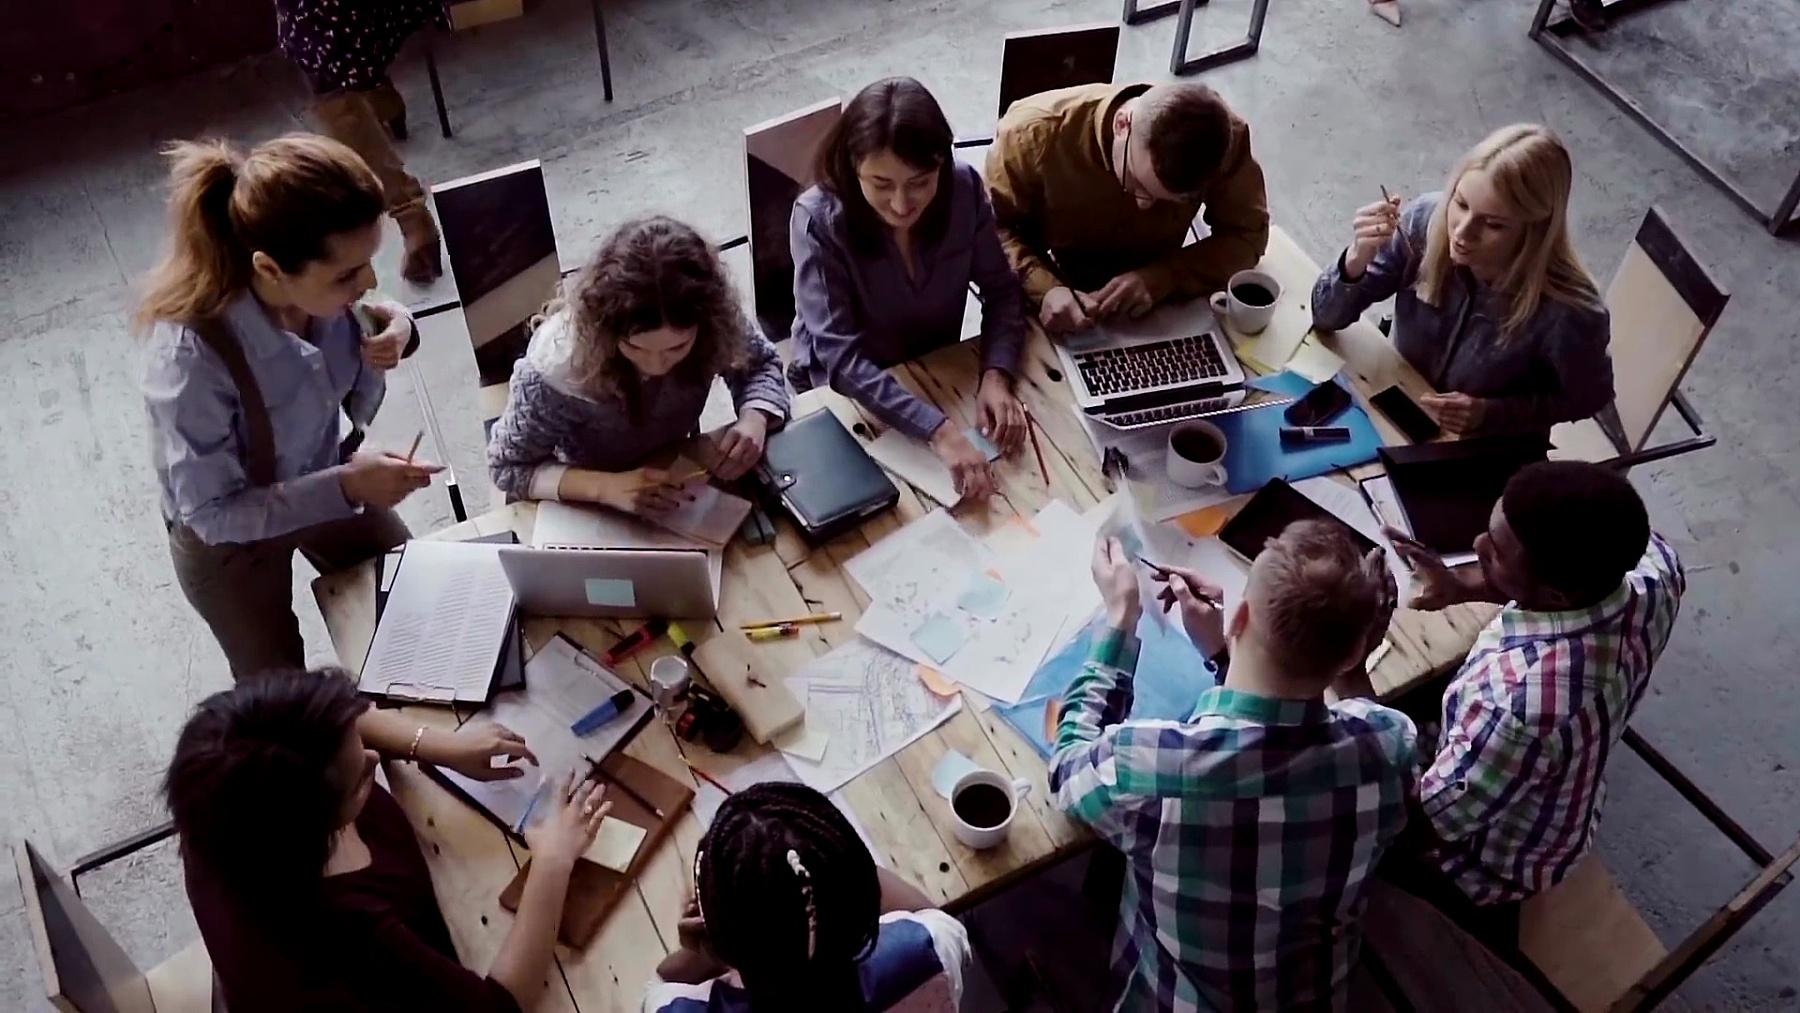 现代办公室的商务会议。多种族群体在桌子附近一起工作的俯视图。慢动作